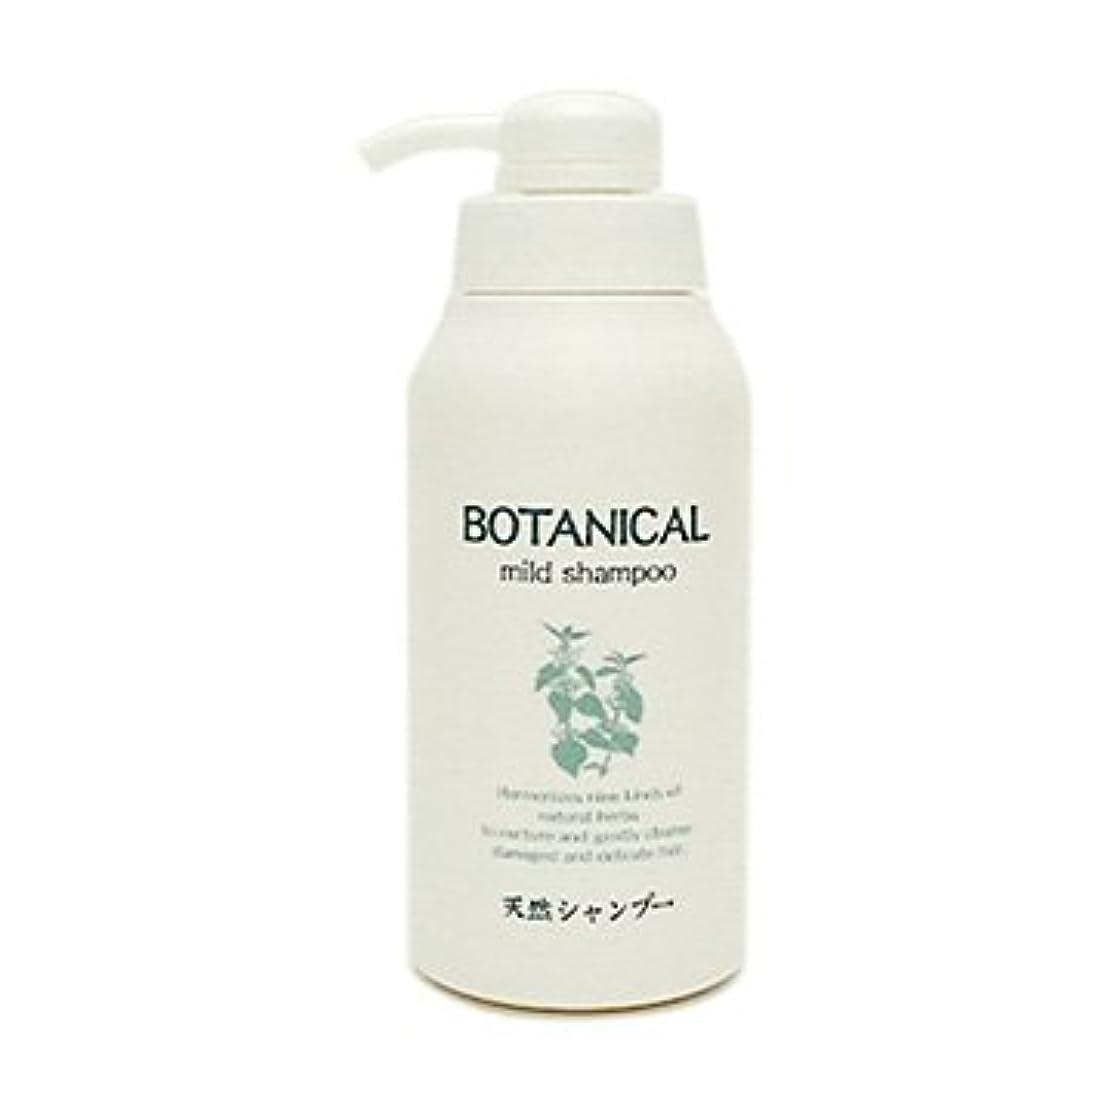 フタバ化学 BS ボタニカルシャンプー 容量400ml